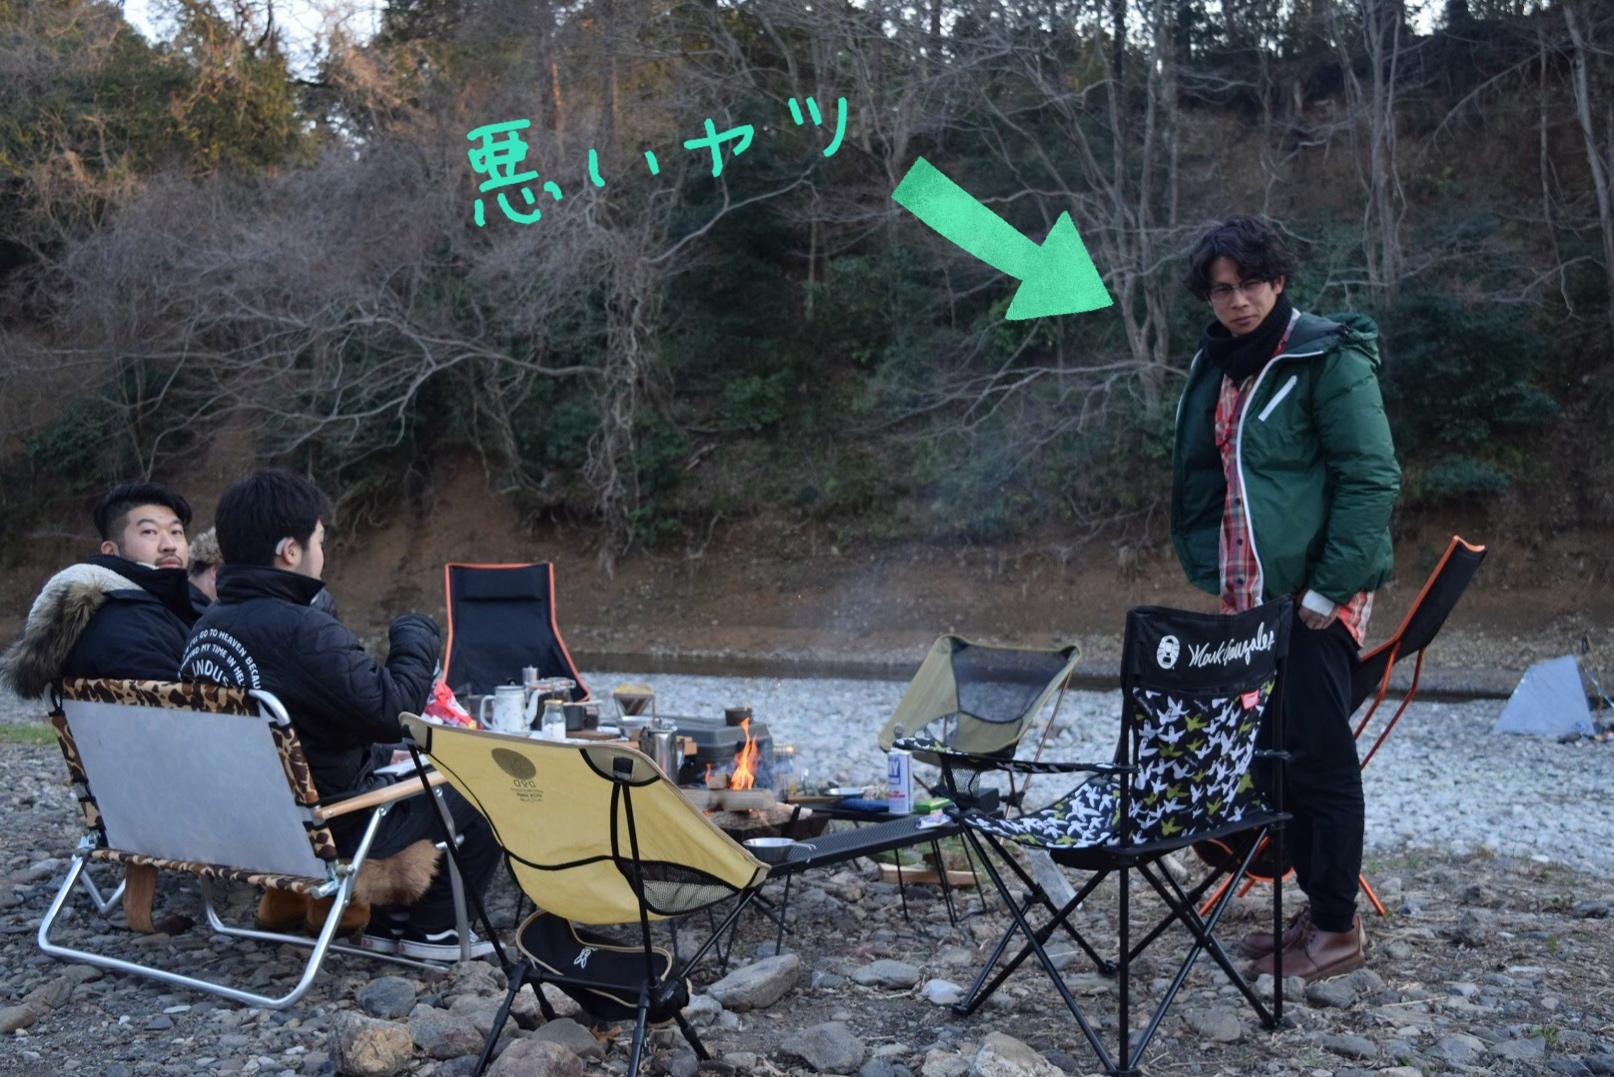 【キャンプイベント】初心者が手ぶらで冬キャンプができるイベントに潜入!